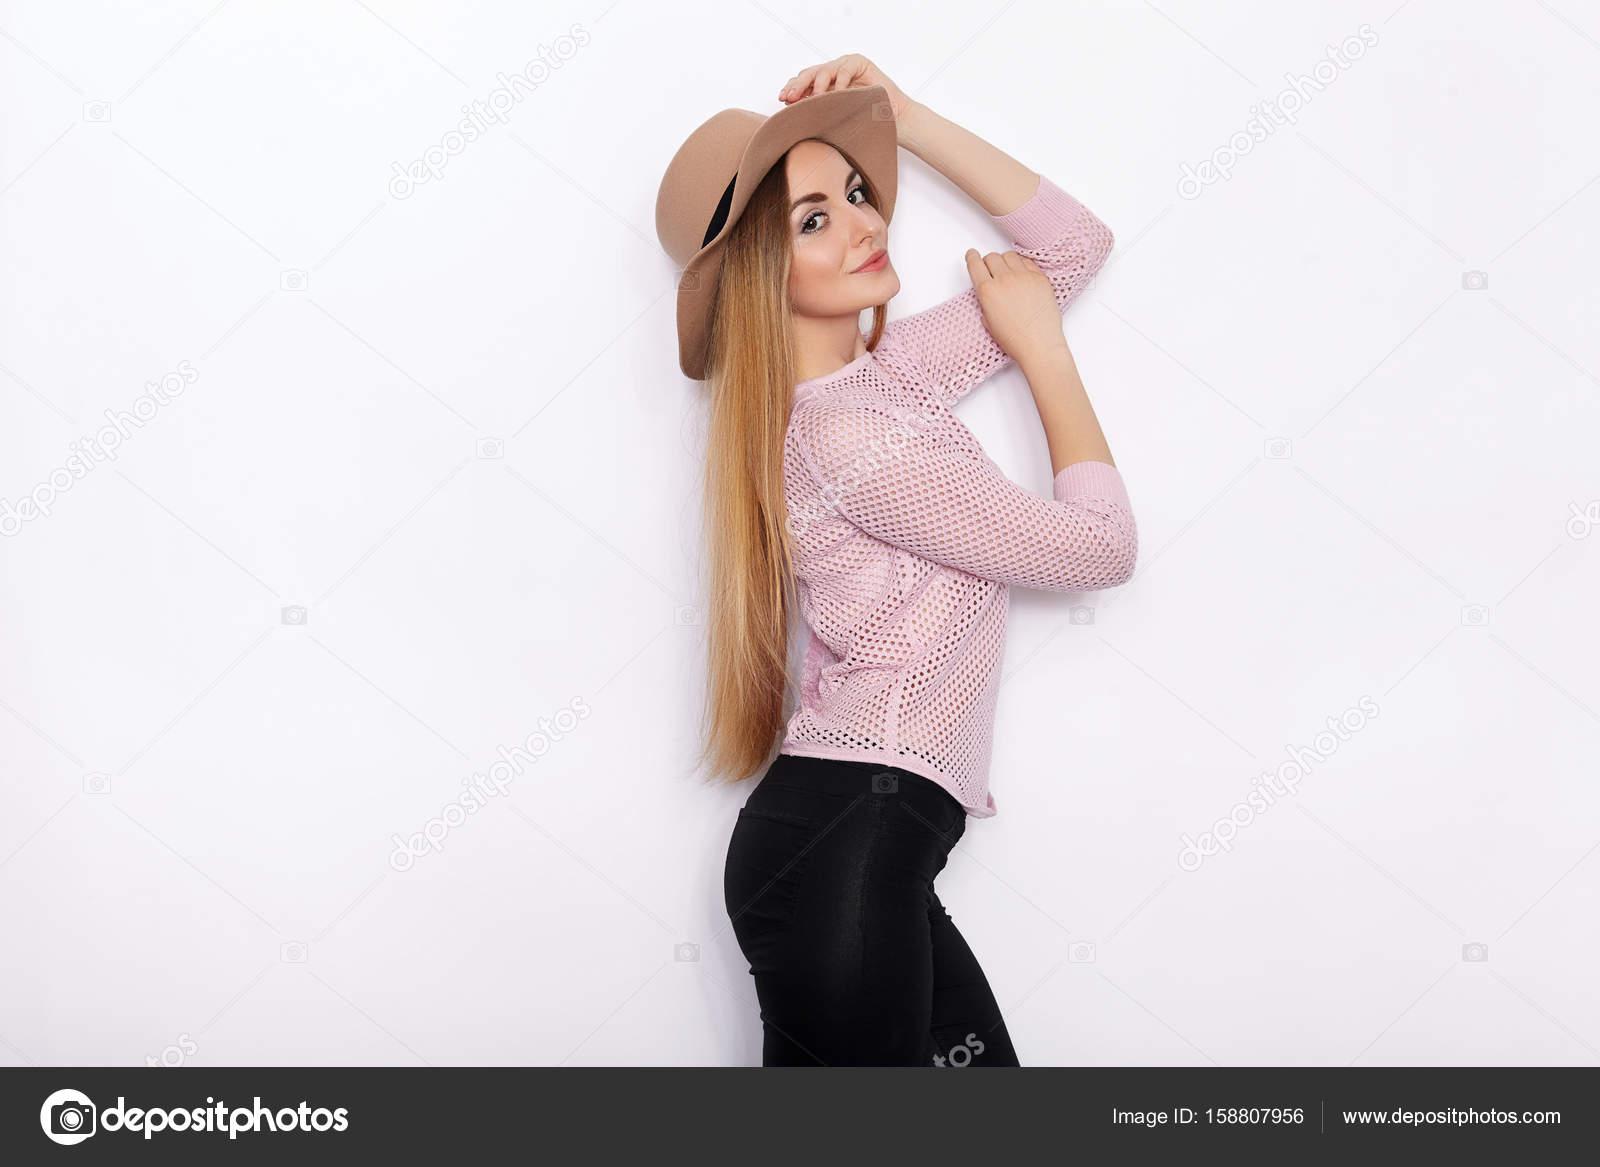 Süß und stylish schöne junge blonde Frau in trendige Kleidung Model Posen  üben und wegschauen mit Lächeln im stehen gegen die weiße Wand Hintergrund  — Foto ... 5b745b7d92